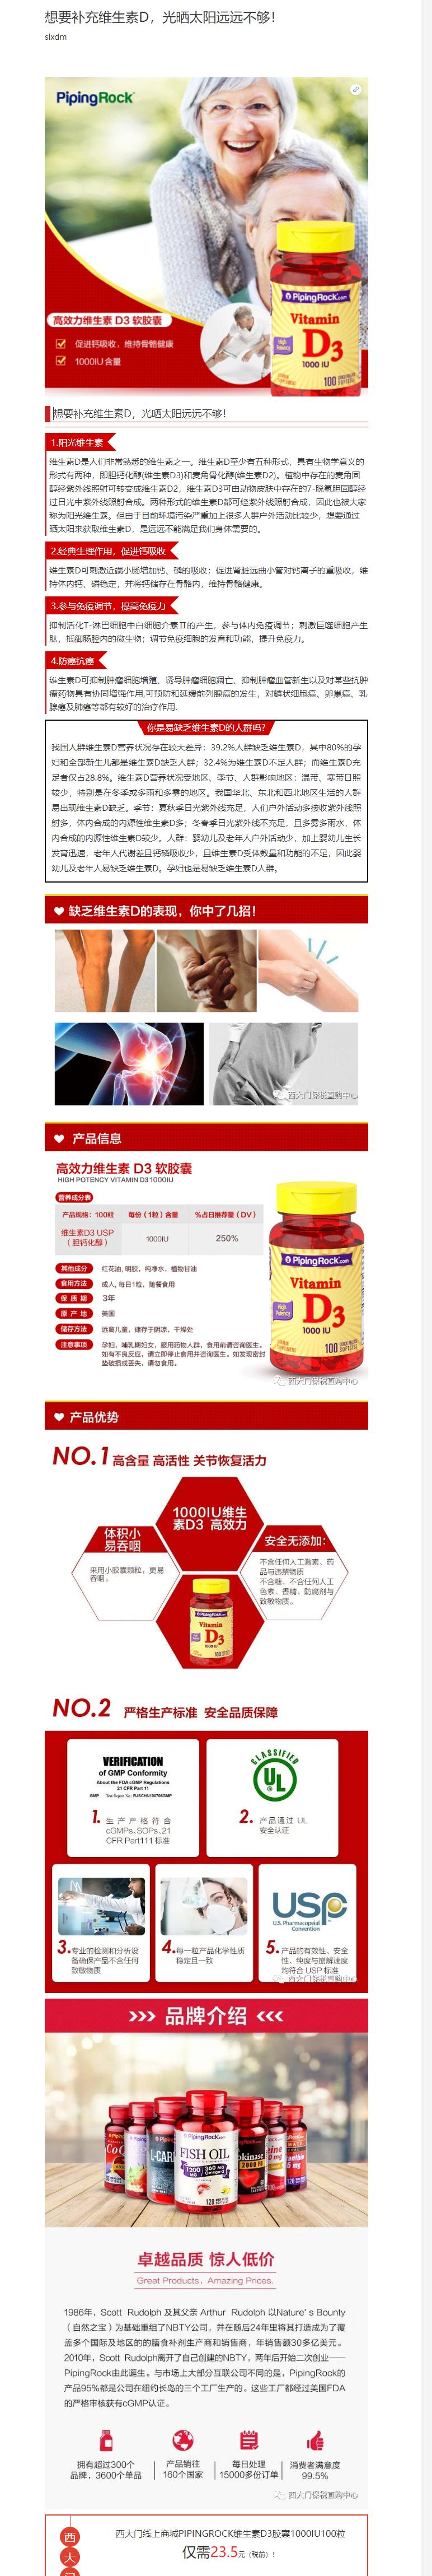 補充維生素D.png